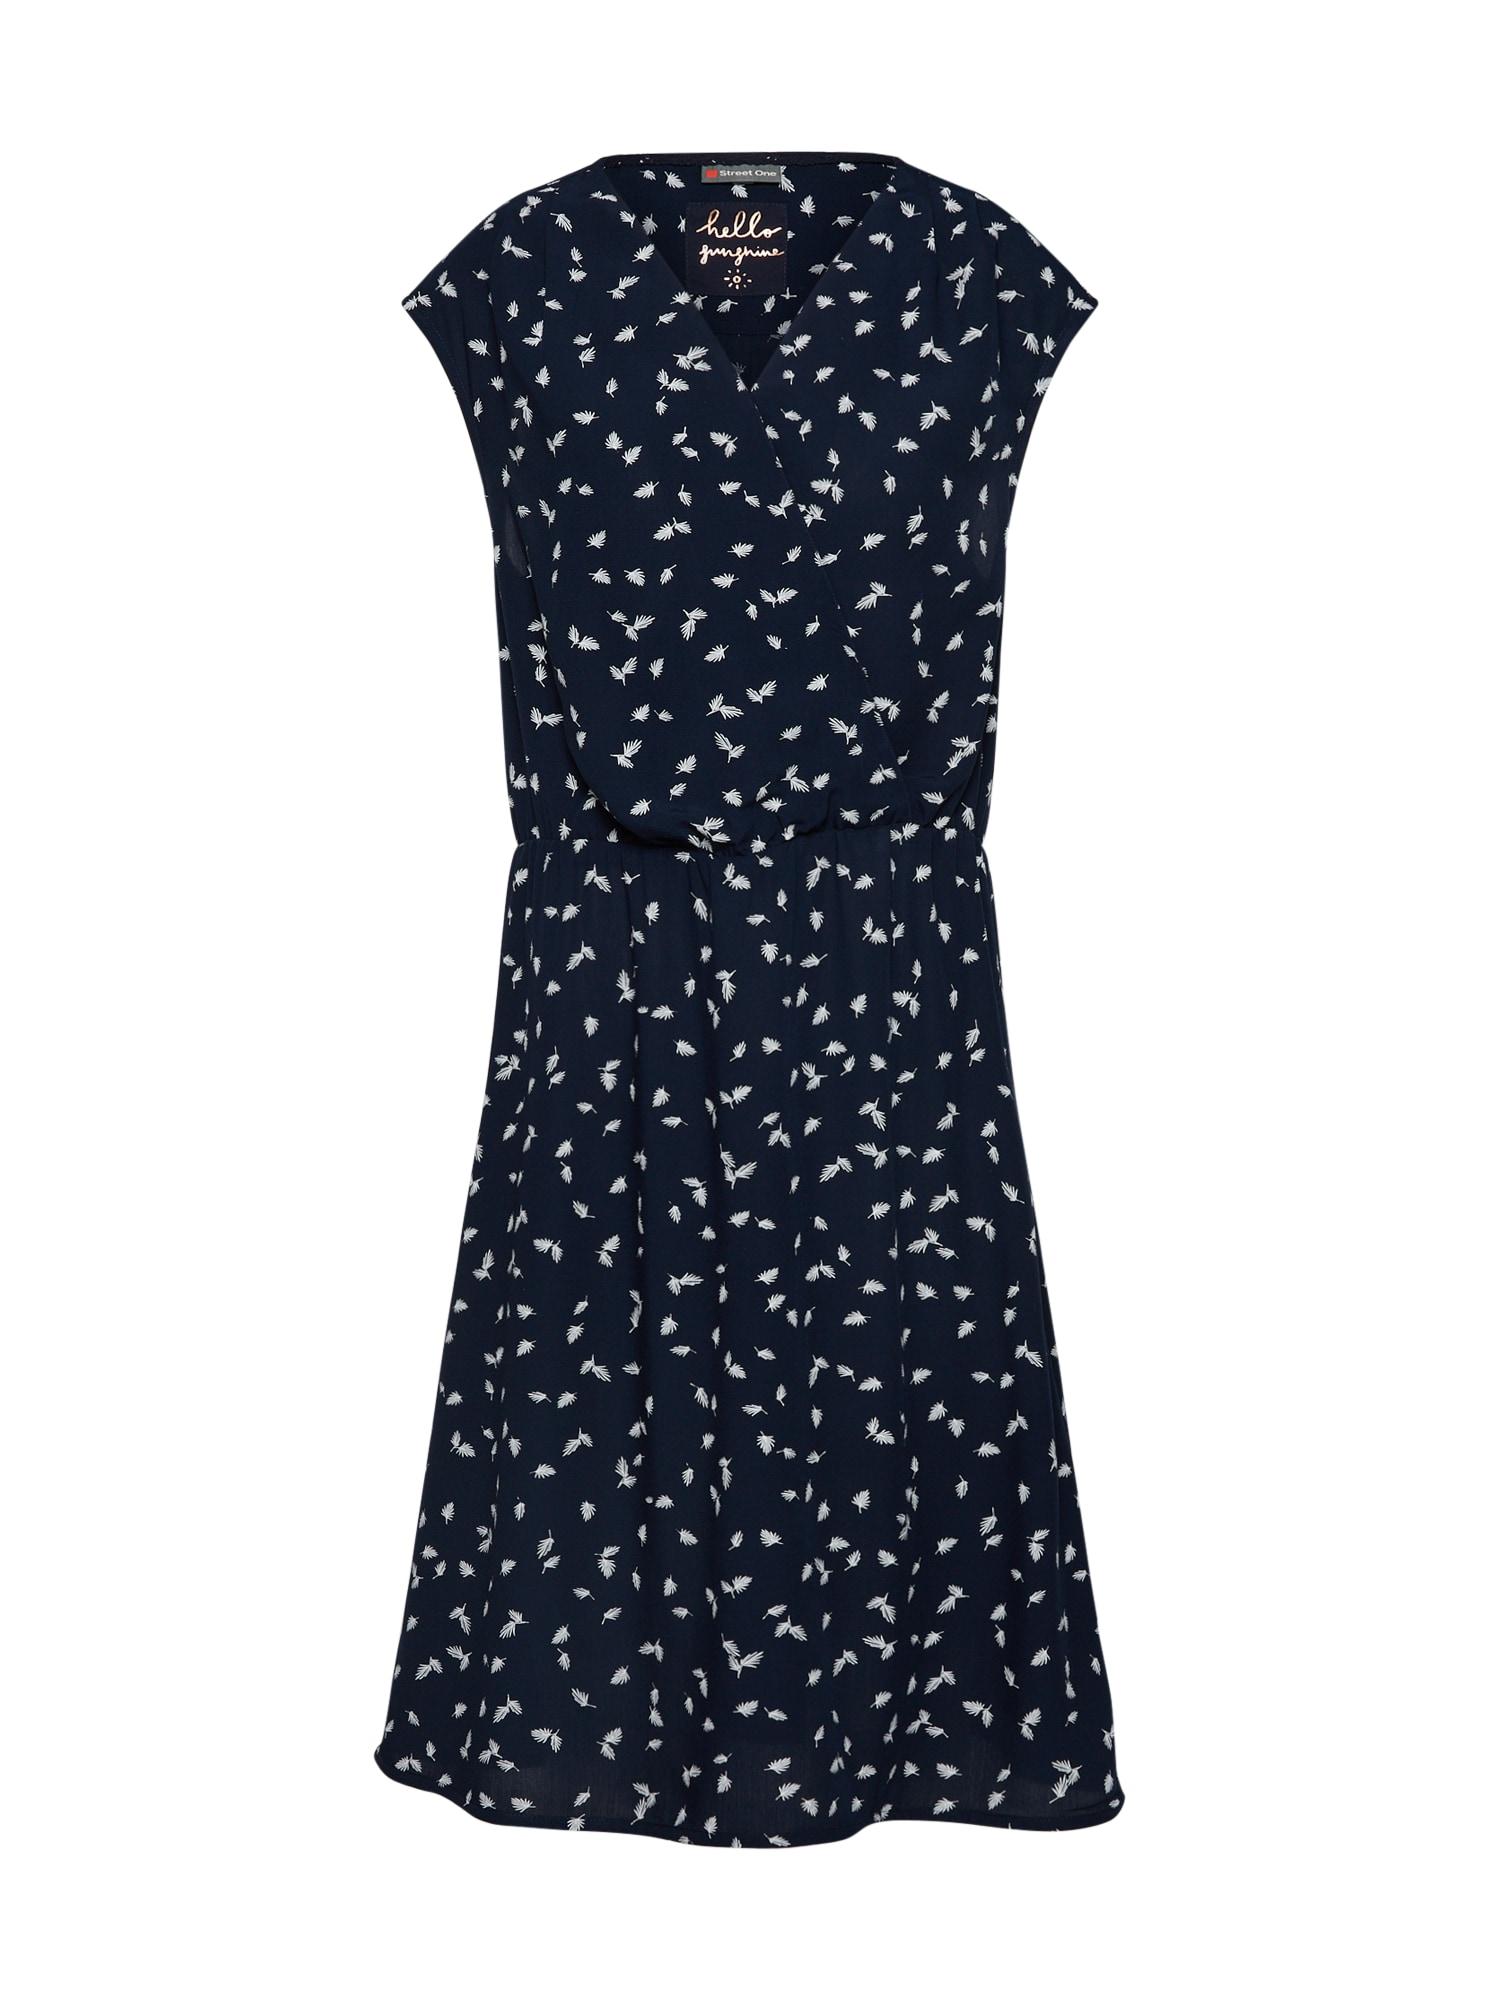 Letní šaty Print V-neck námořnická modř bílá STREET ONE